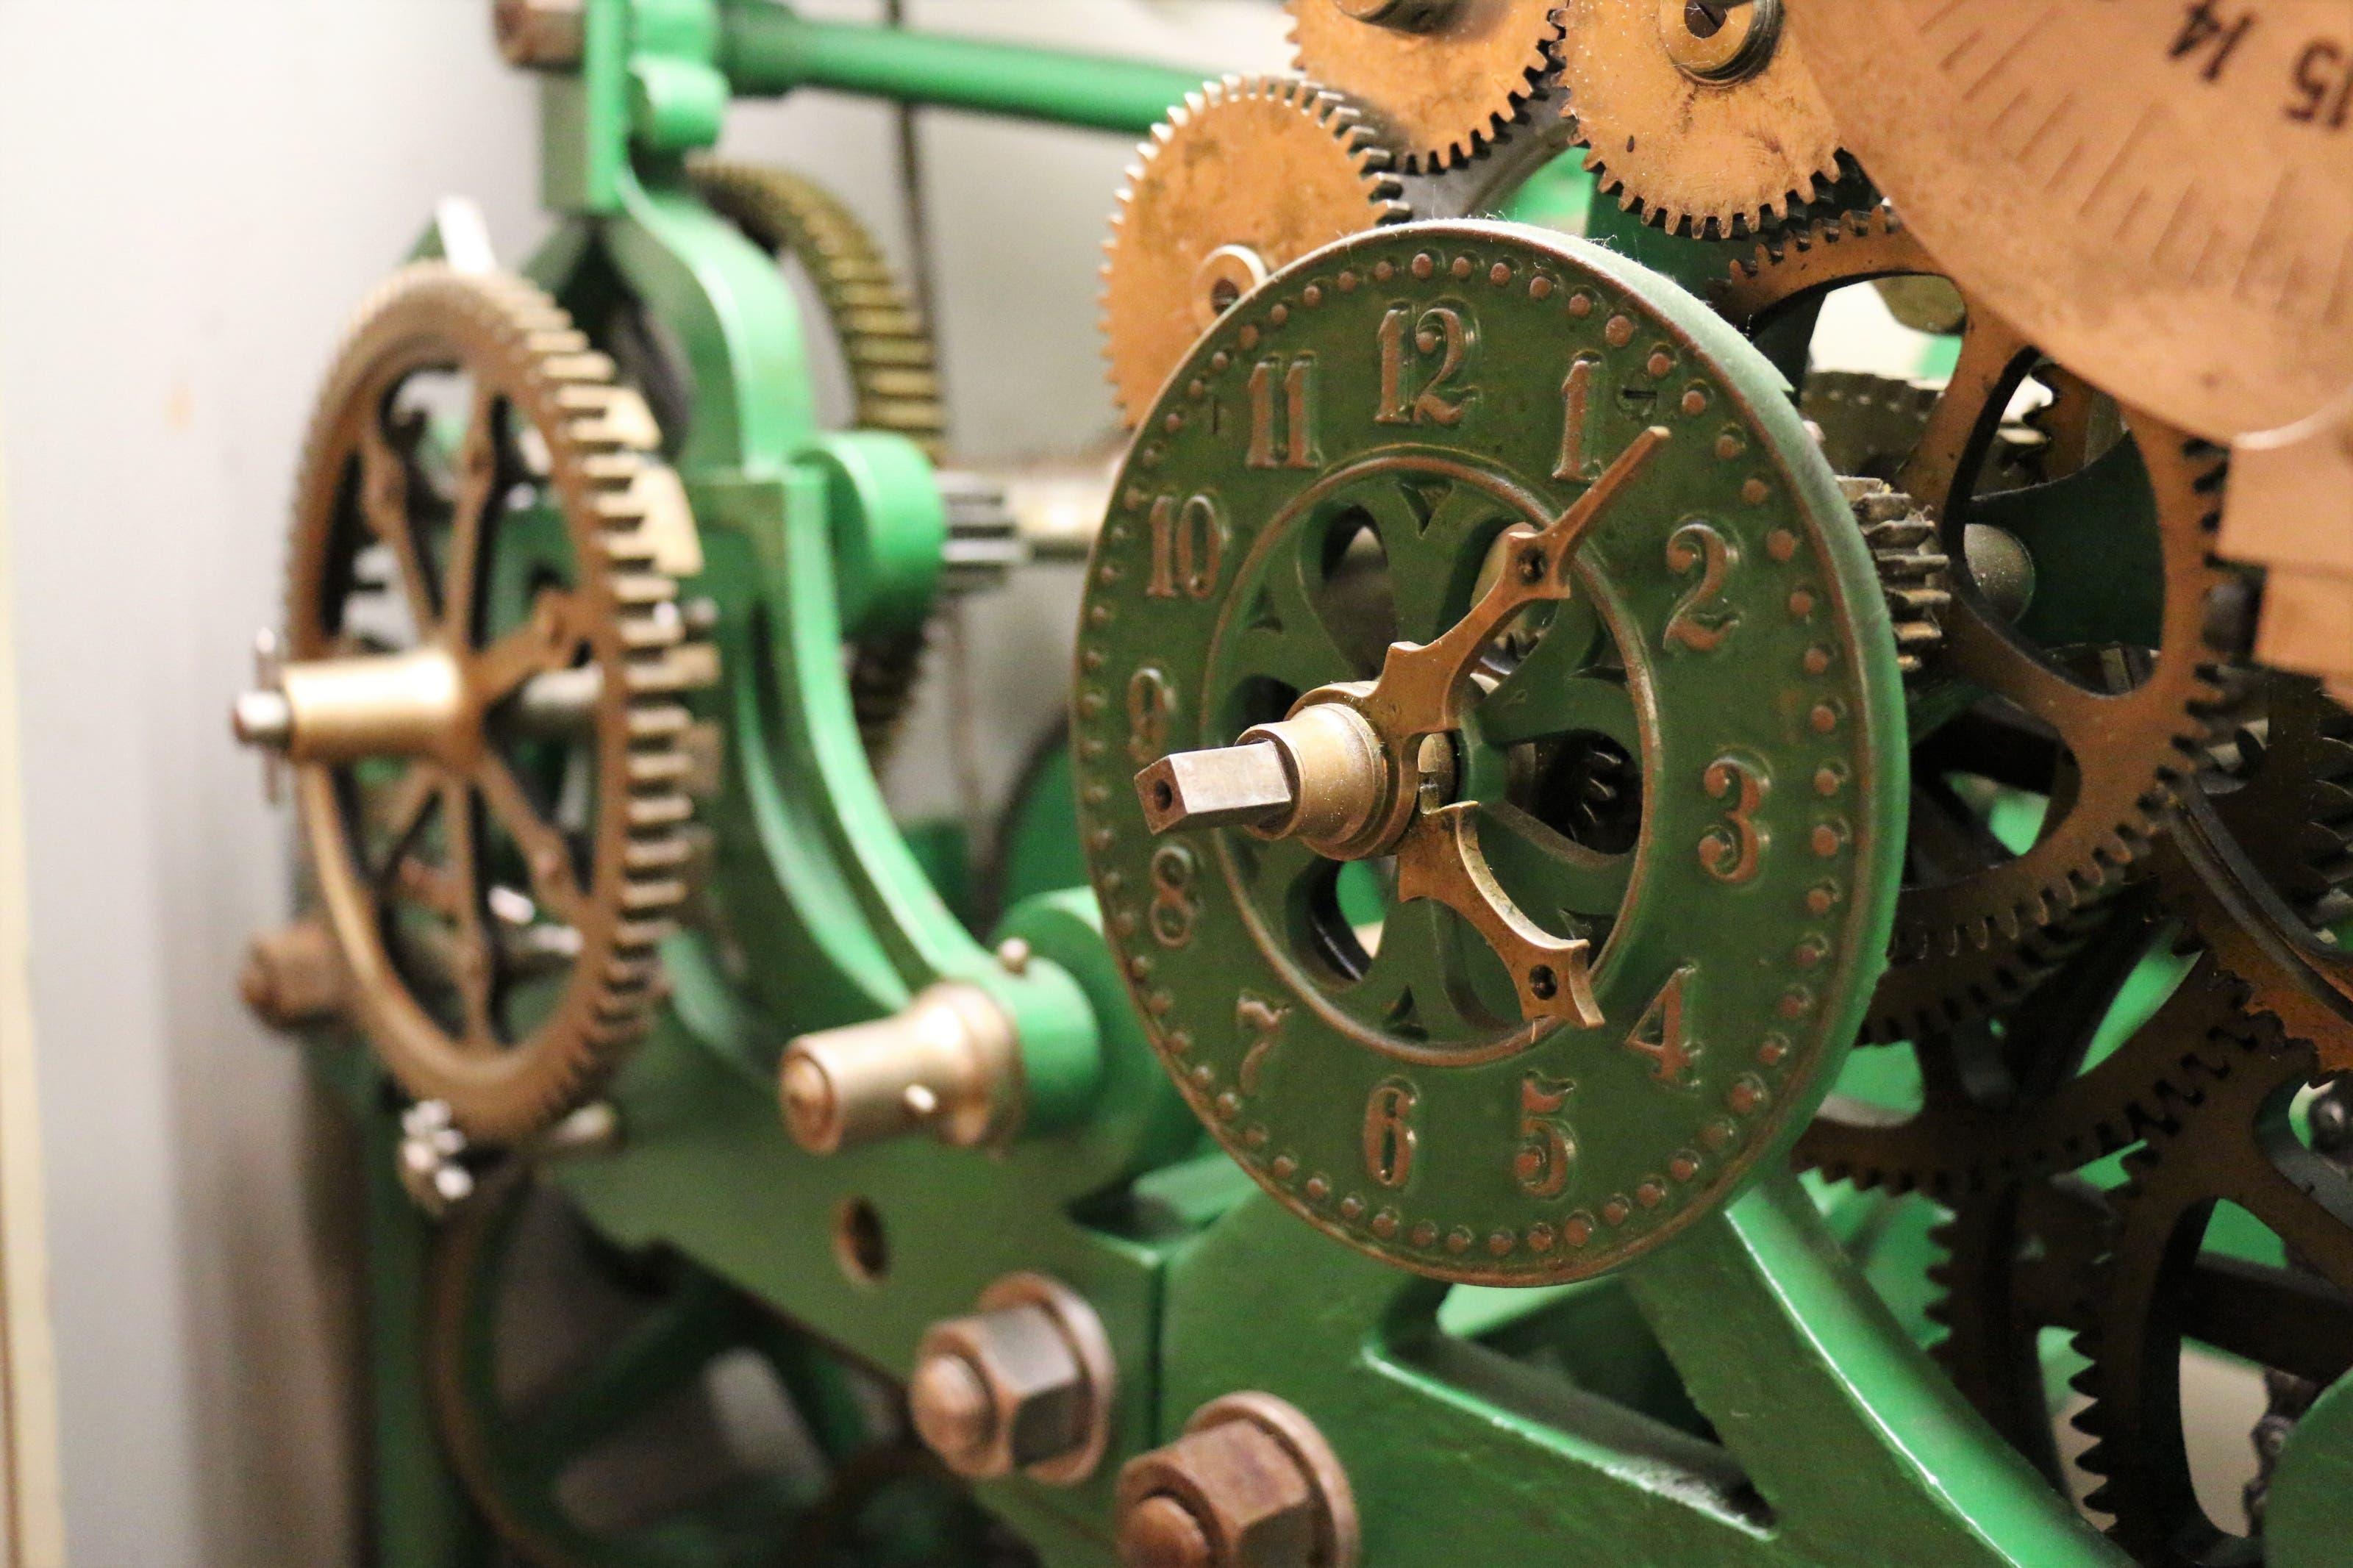 Blick ins Innere des mechanischen Uhrwerks der Birmensdorfer Kirche von 1924.